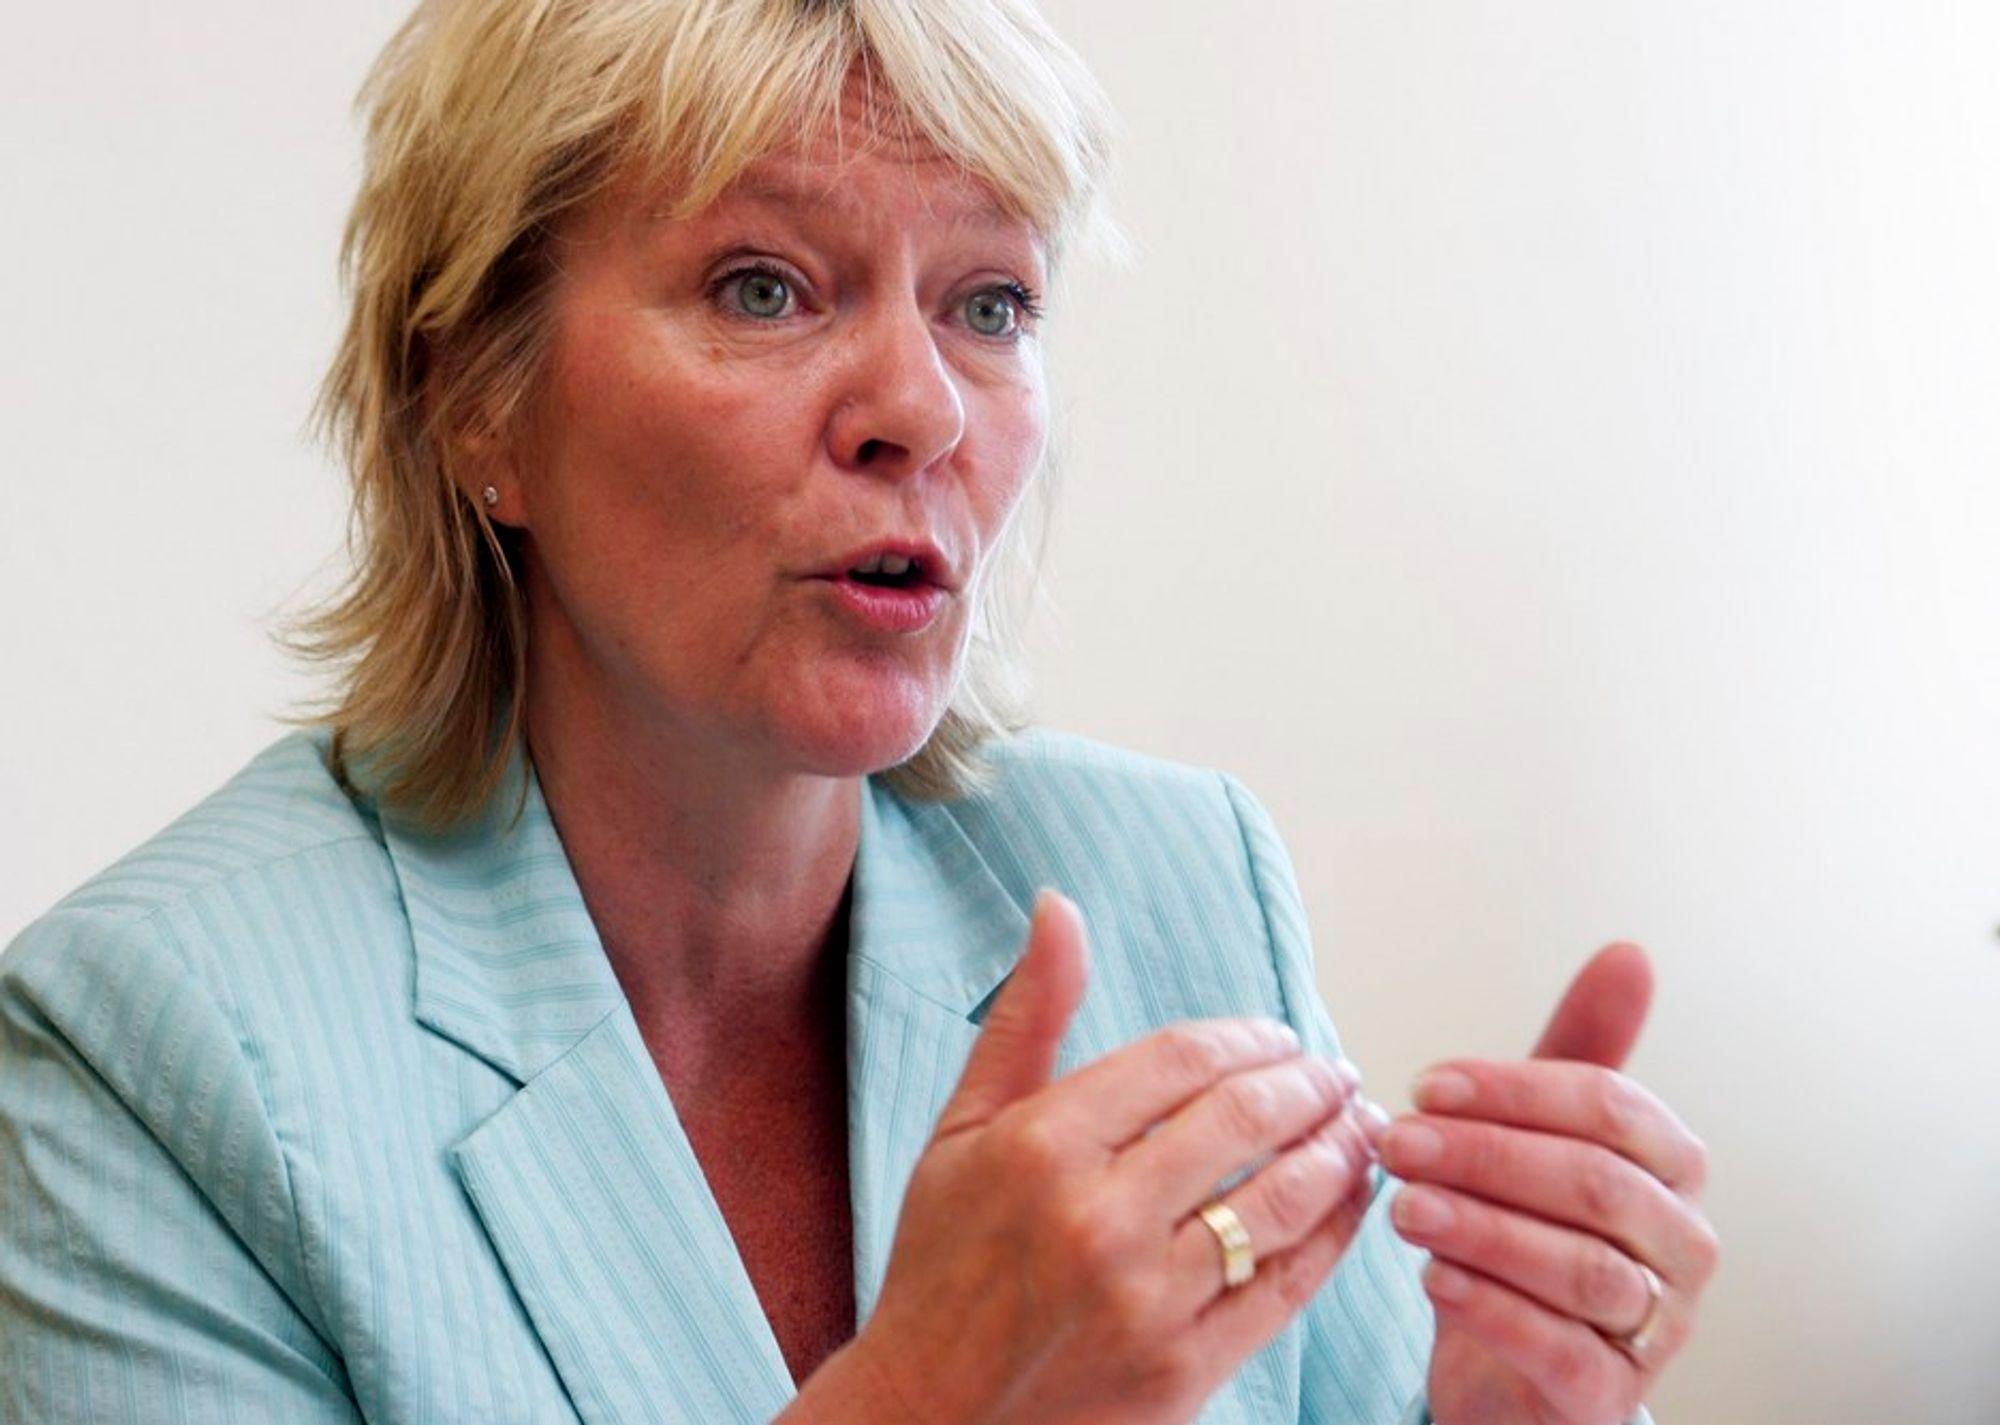 KRITISK: Civita-leder Kristin Clemet reagerer på at finansminister Kristin Halvorsen ikke vil uttale seg om Qatar-saken.